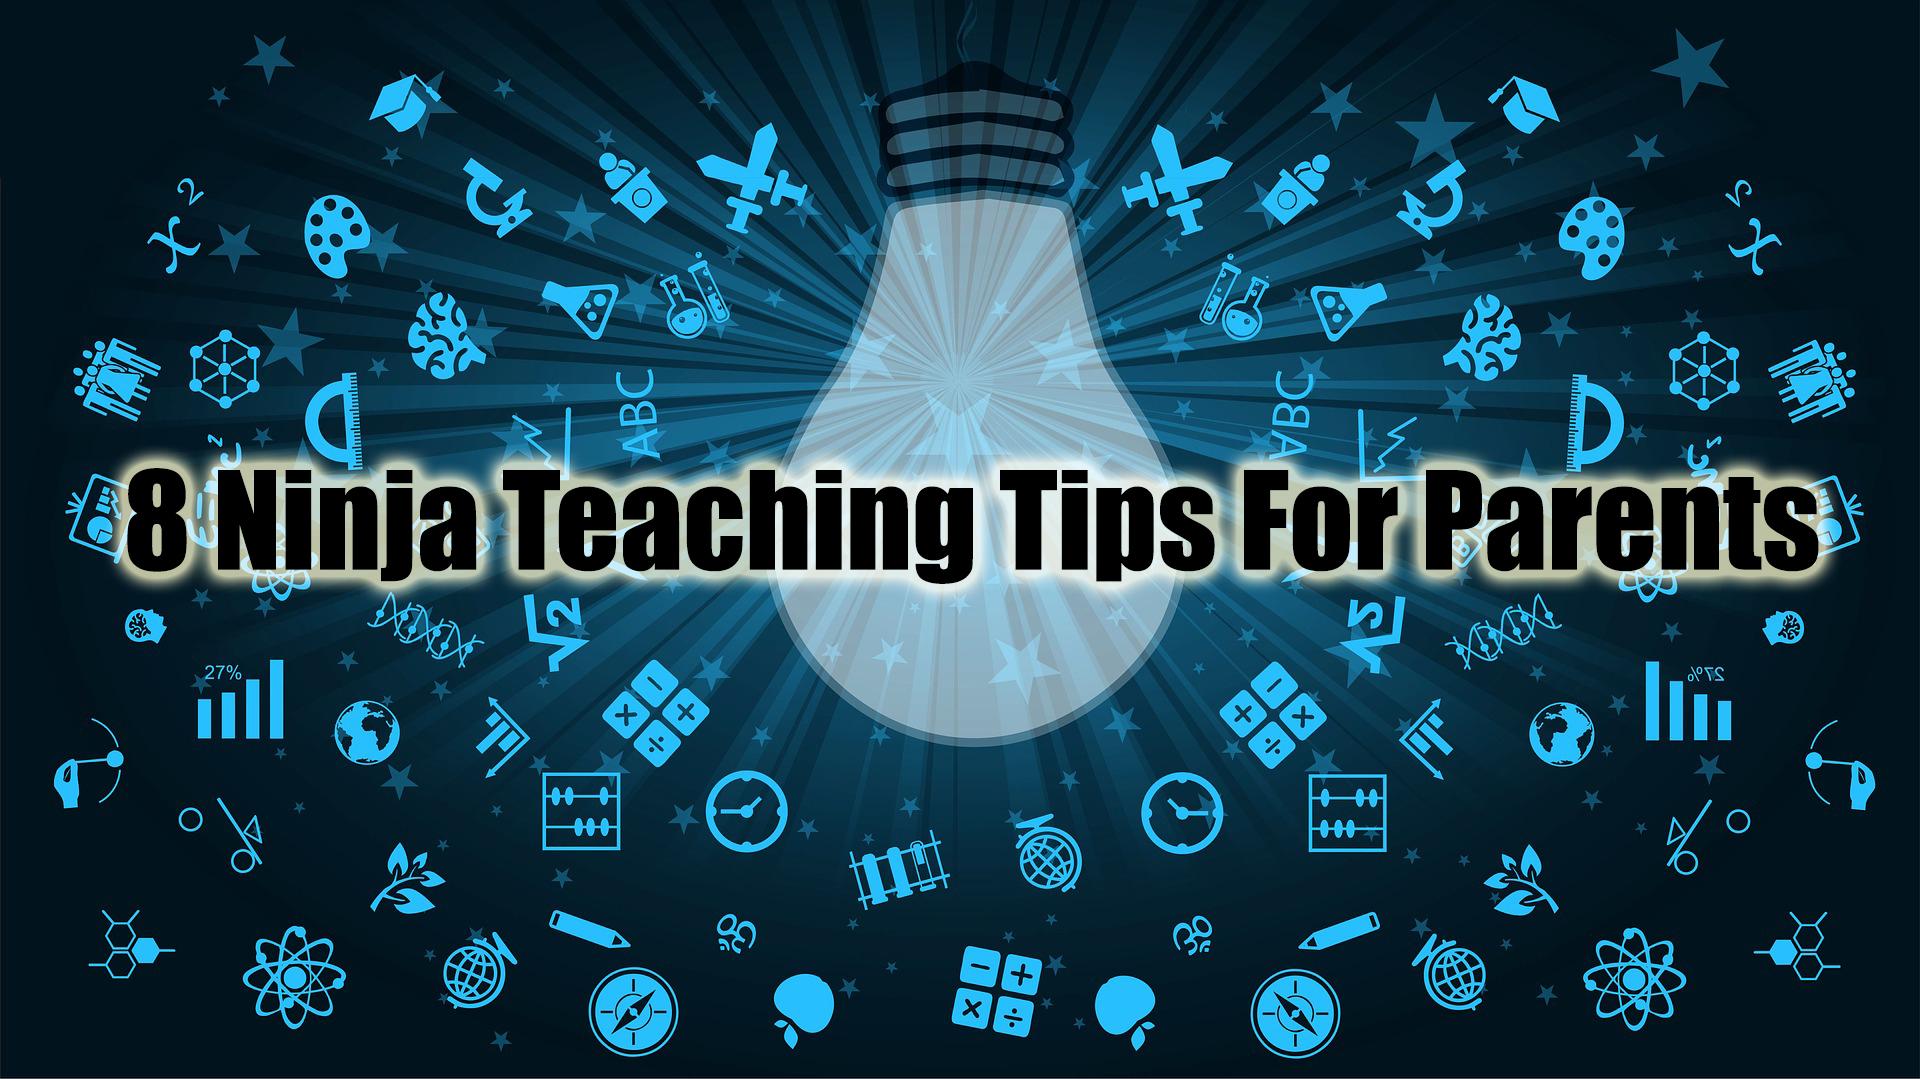 8 ninja tips